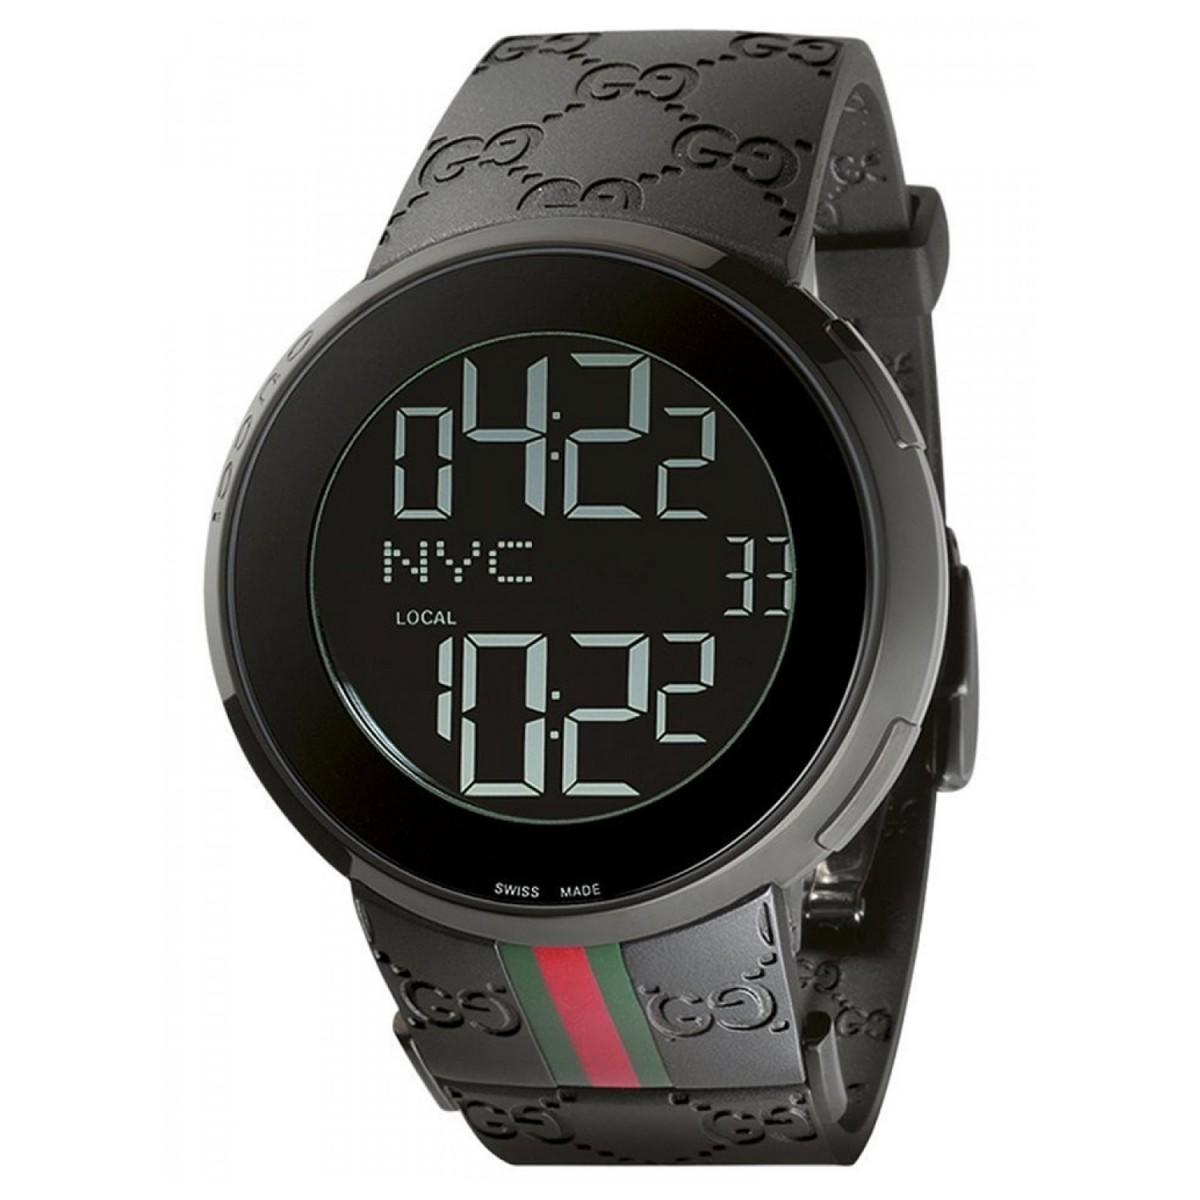 ac9e20f7c9a Compre Relógio Gucci I-Gucci em 10X